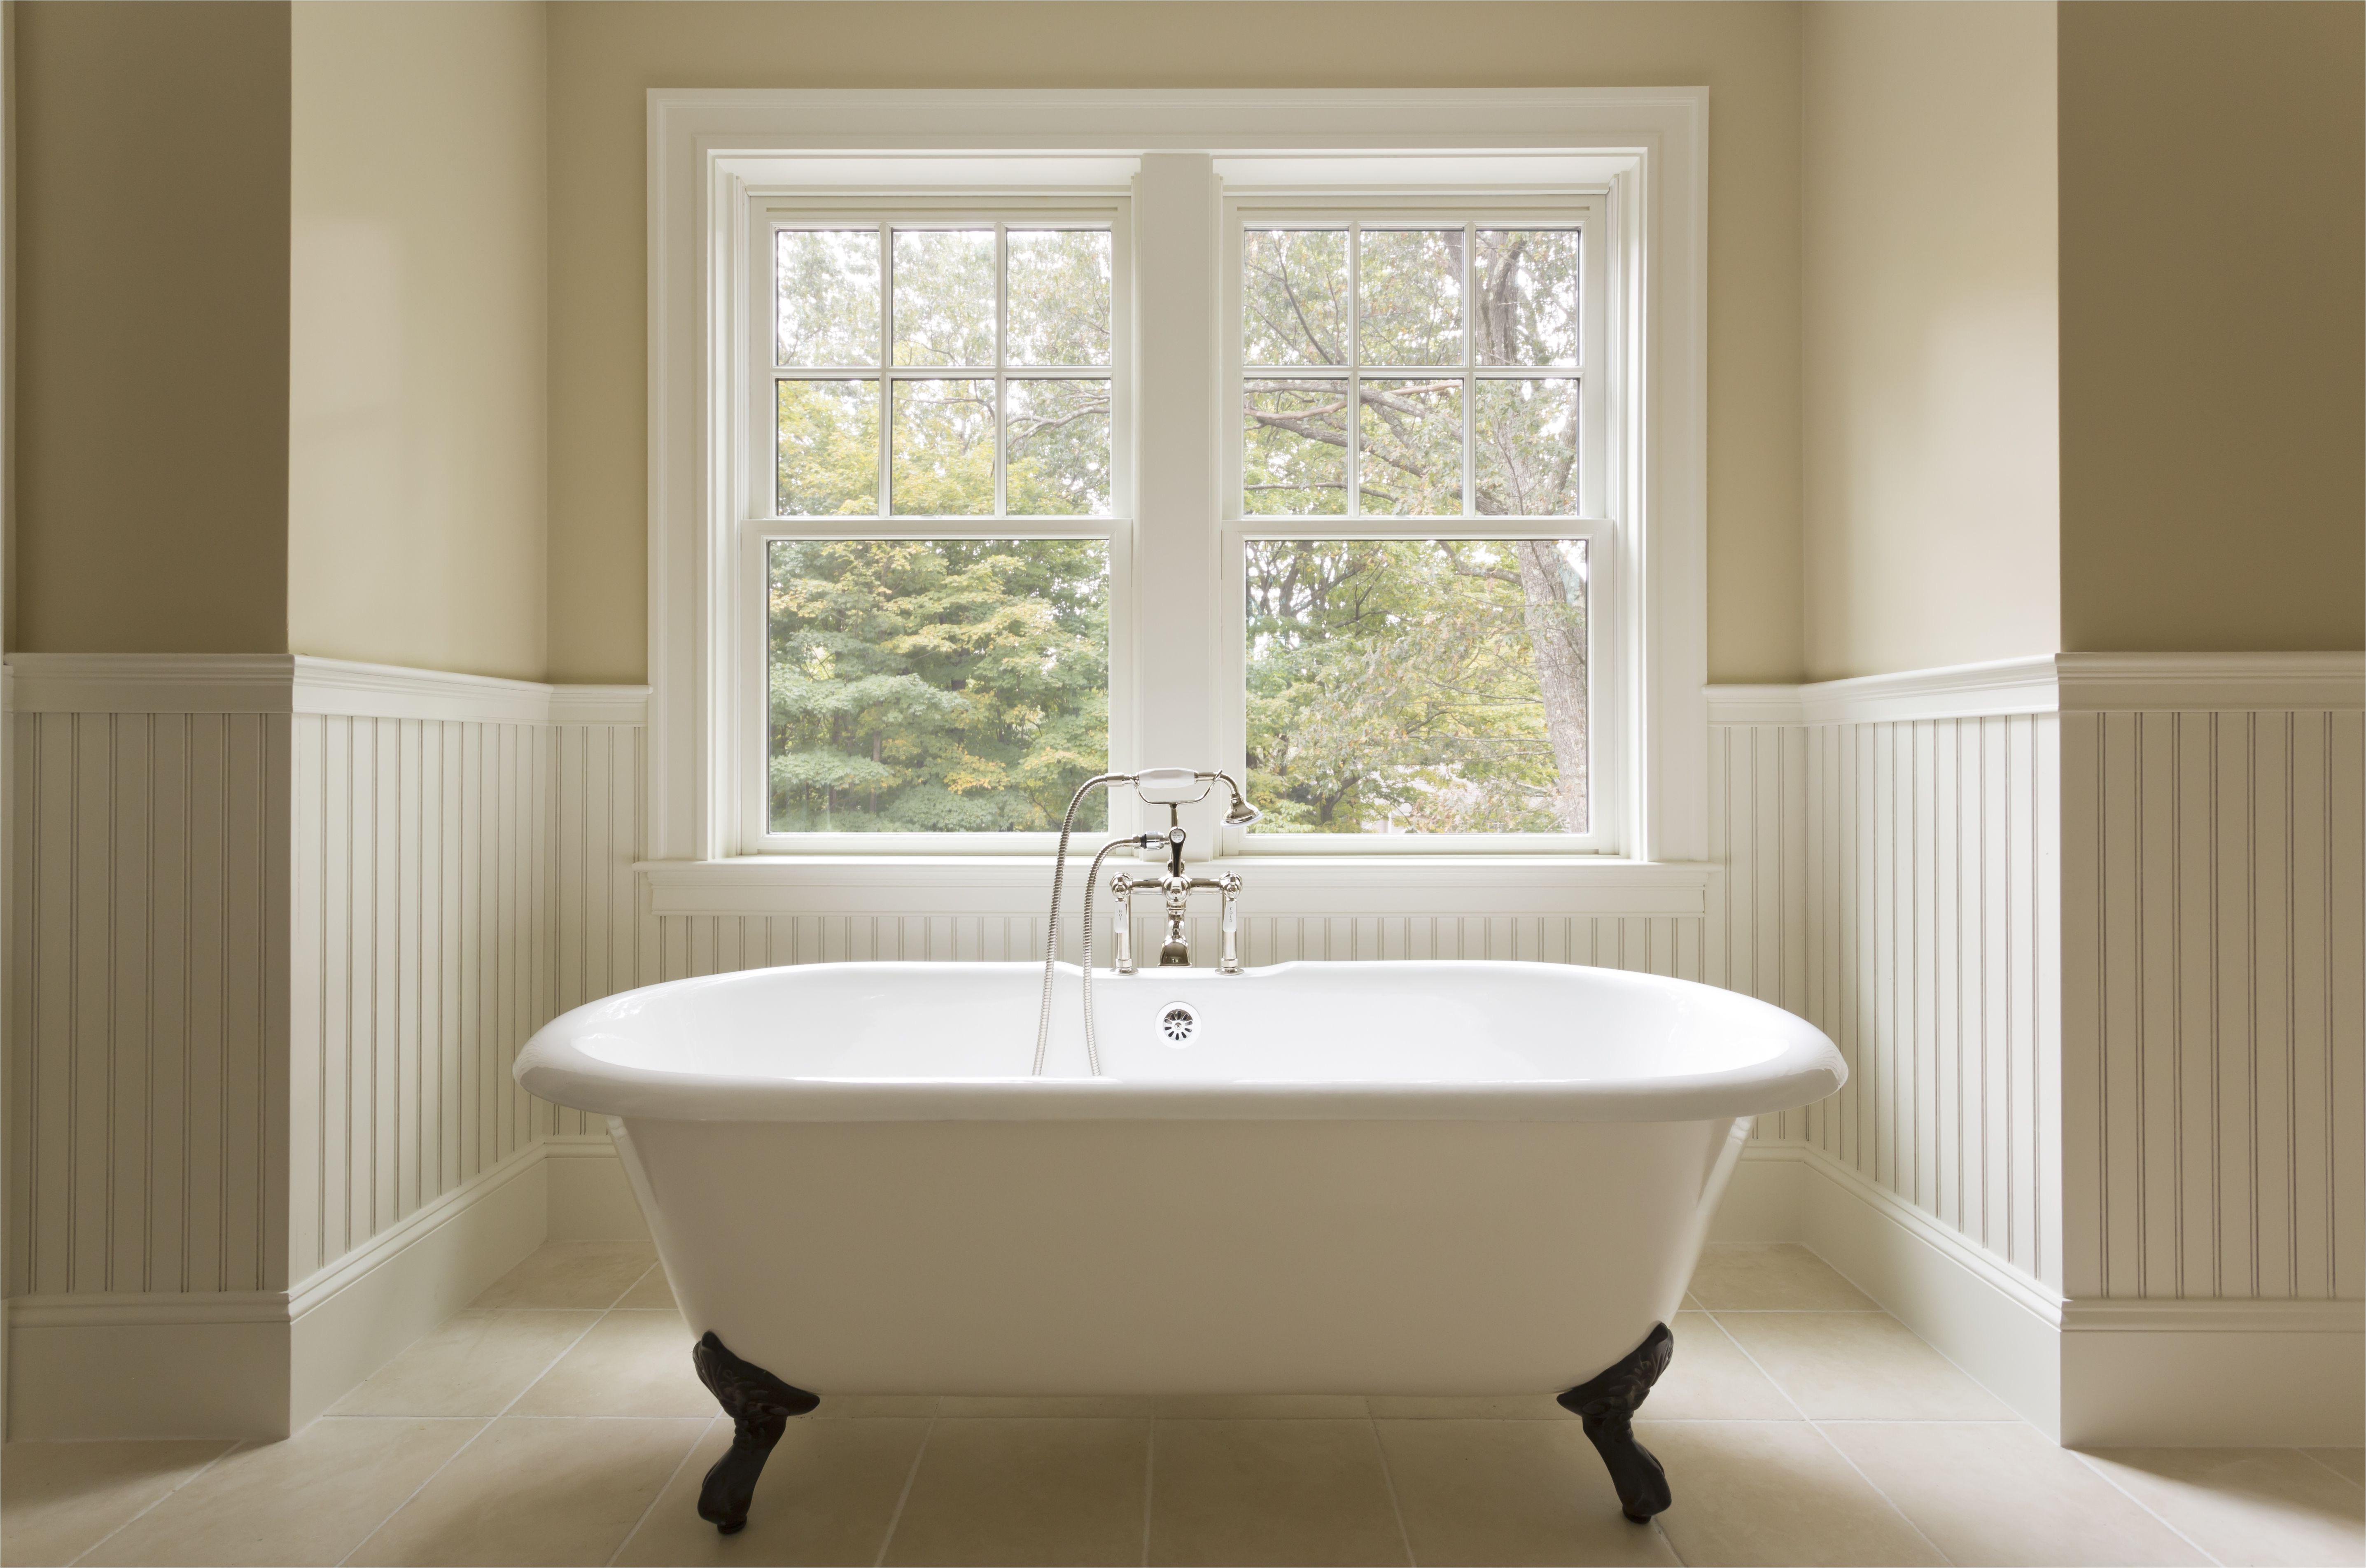 cast iron clawfoot bathtubs